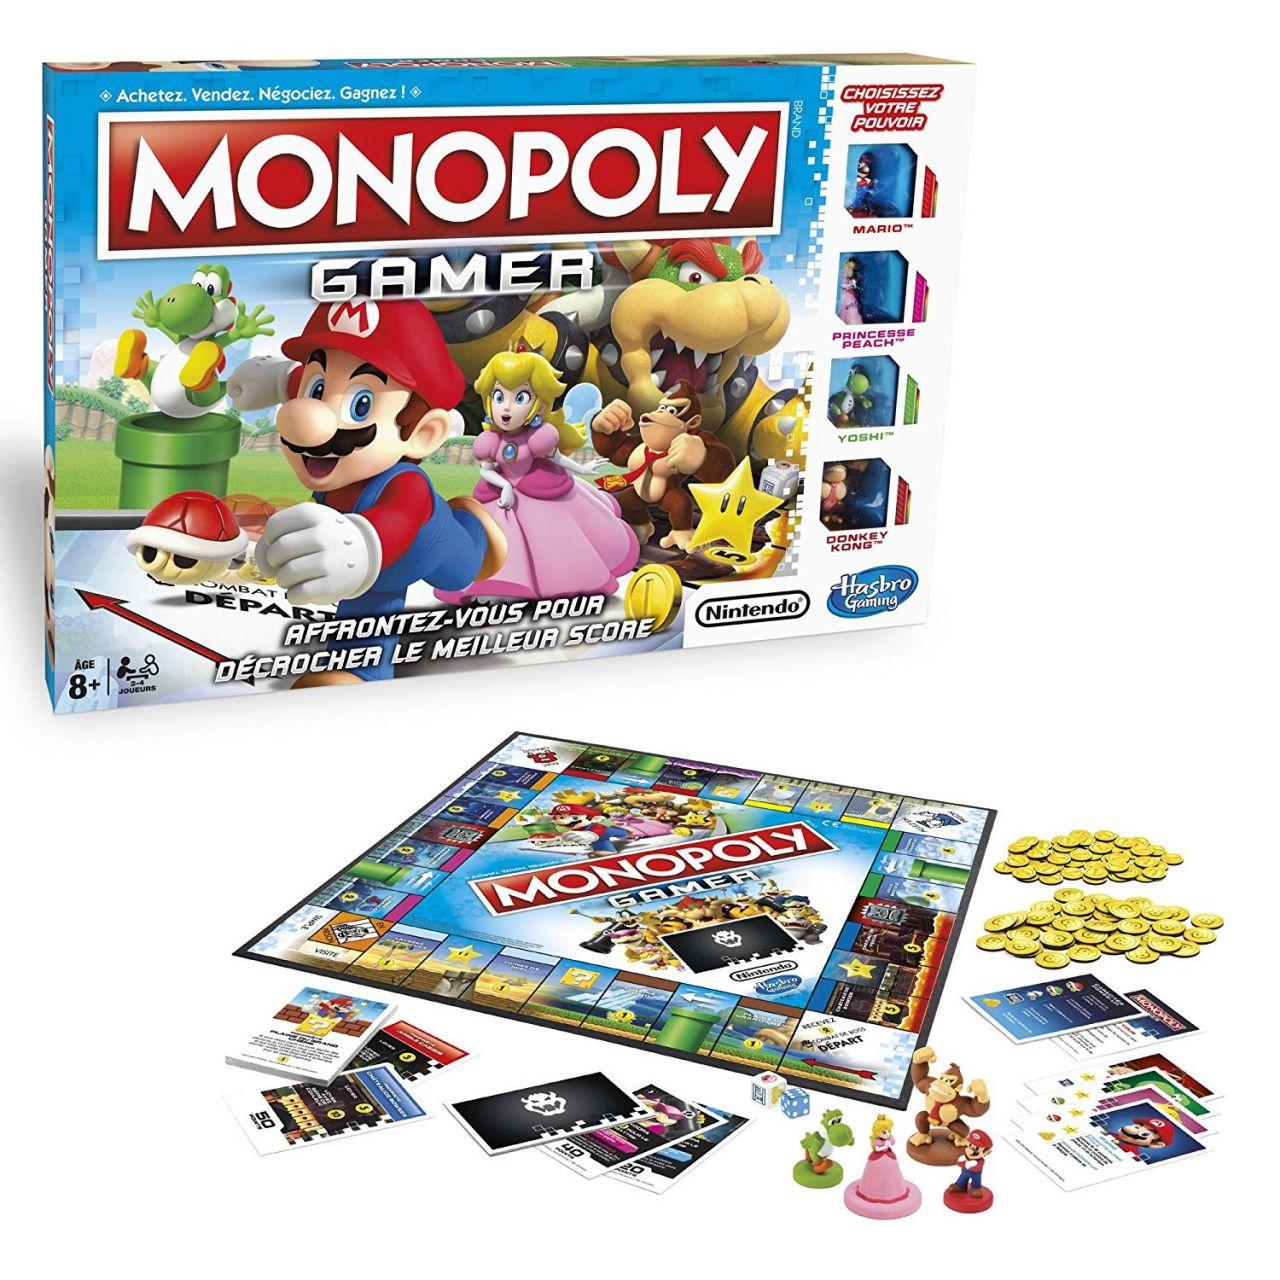 Meilleur jeux de société 2 joueur